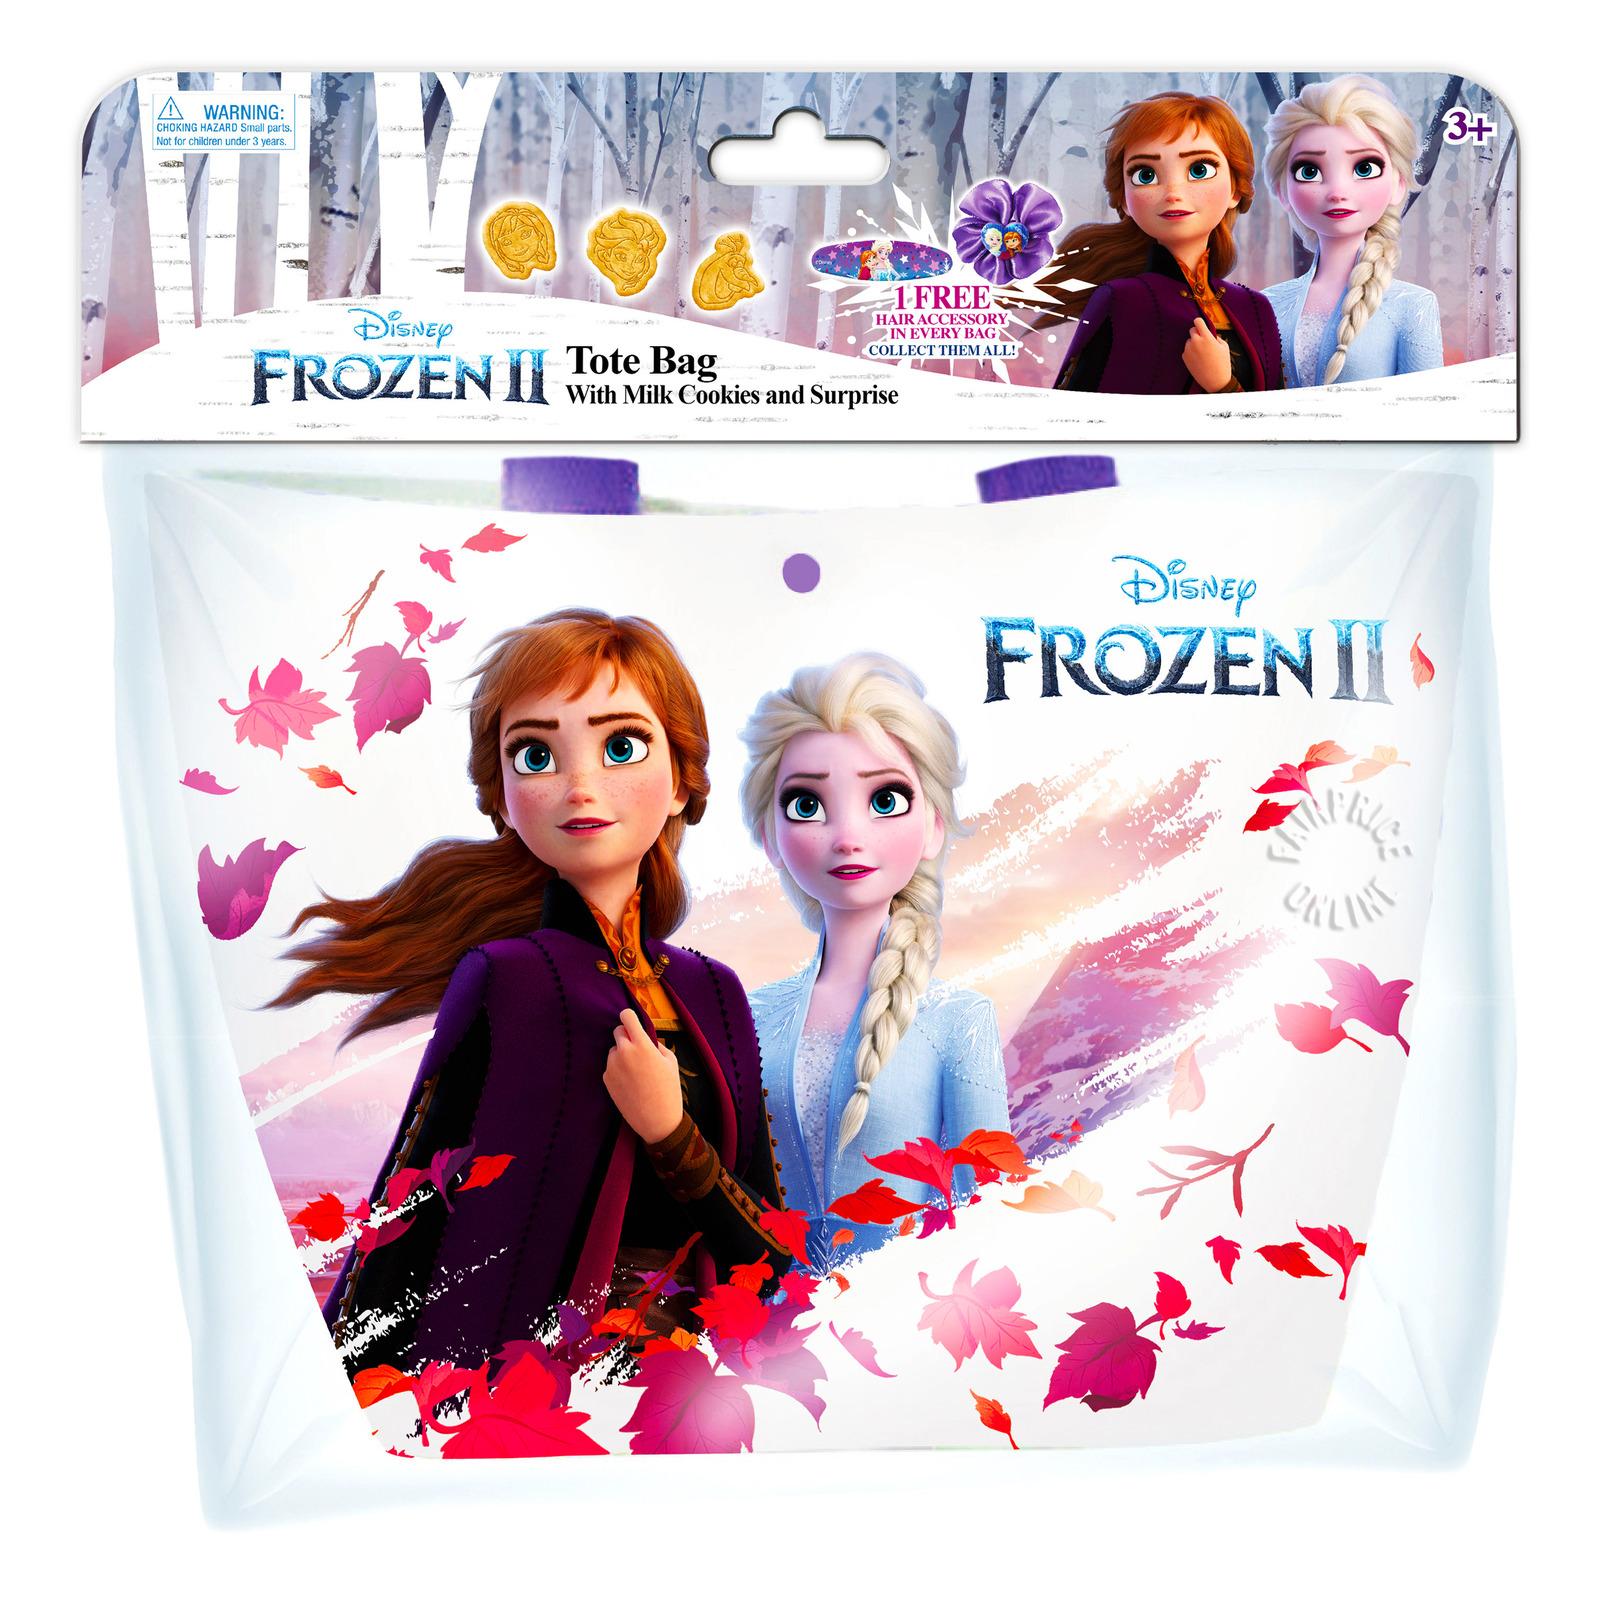 Disney Tote Bag with Milk Cookies & Surprise - Frozen II